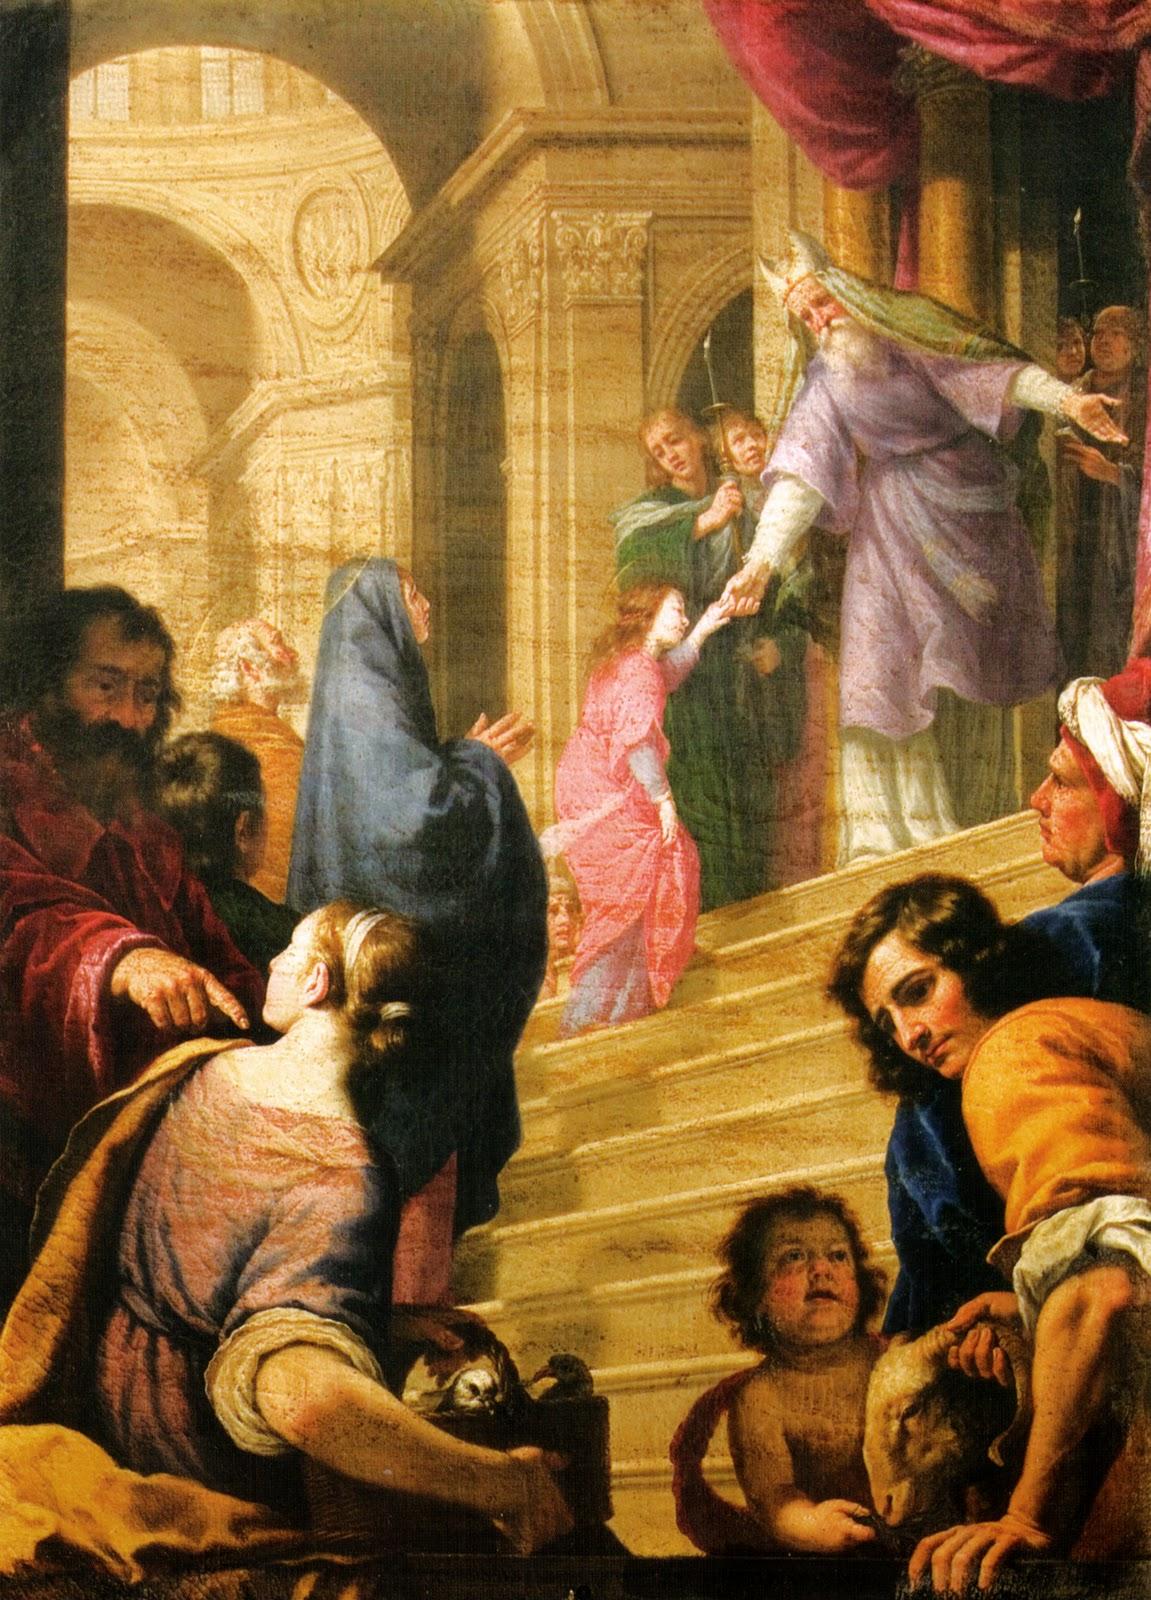 http://3.bp.blogspot.com/_MX_HfIdEzvs/TOlCEmeOxCI/AAAAAAAAAwQ/Hp0oeL_7nrI/s1600/Alfonso_boschi,_presentazione_di_maria_al_tempio.jpg